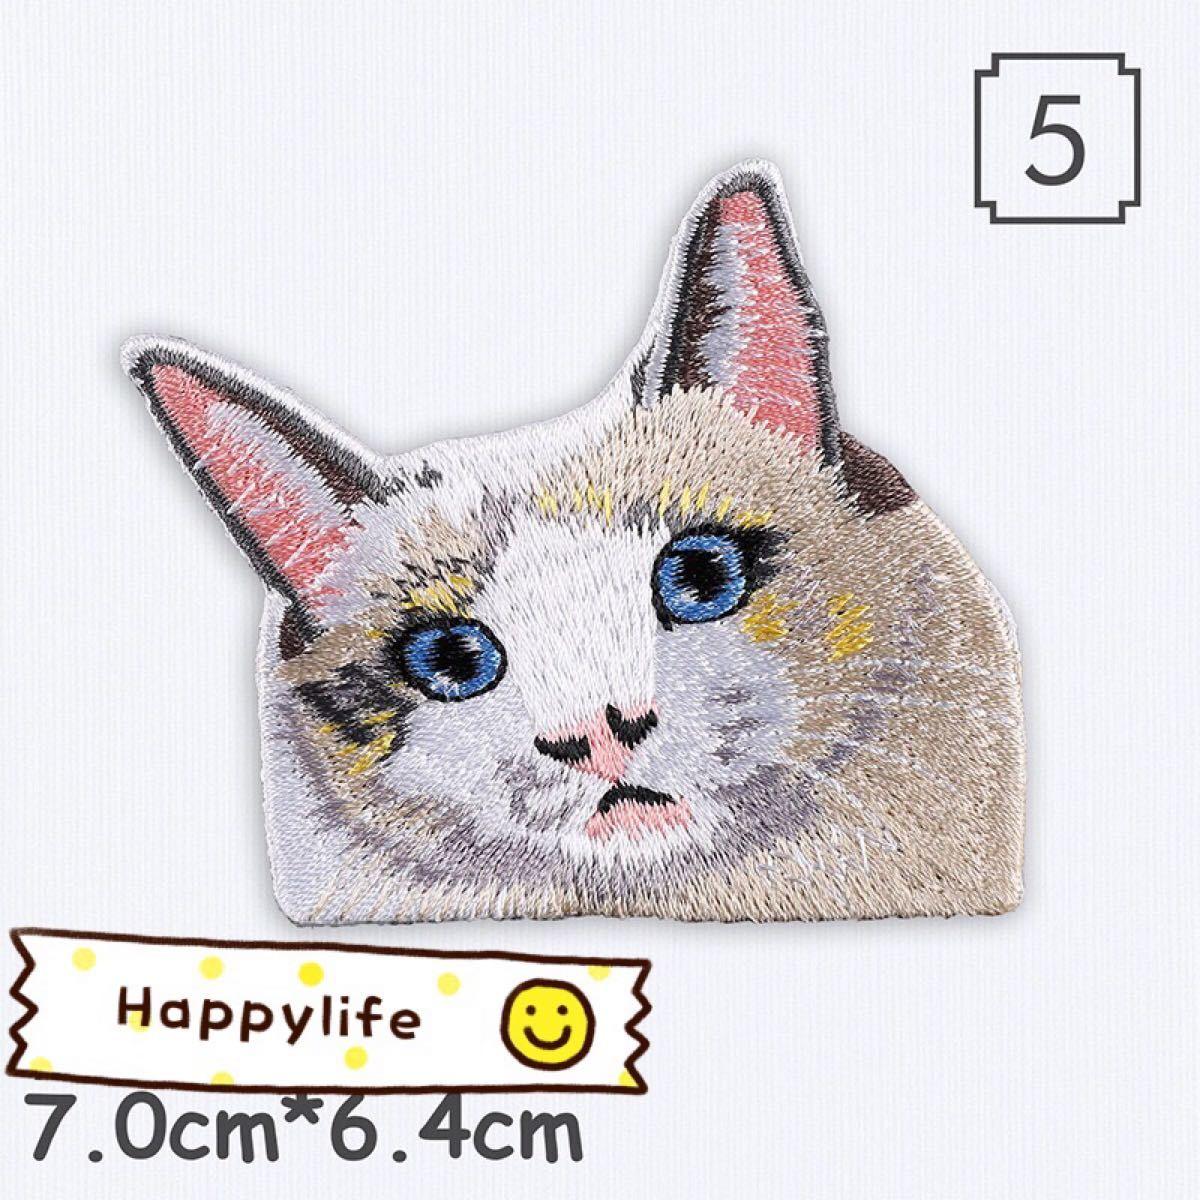 3猫さん ネコ 刺繍アイロンワッペン  刺繍ワッペン アイロンワッペン